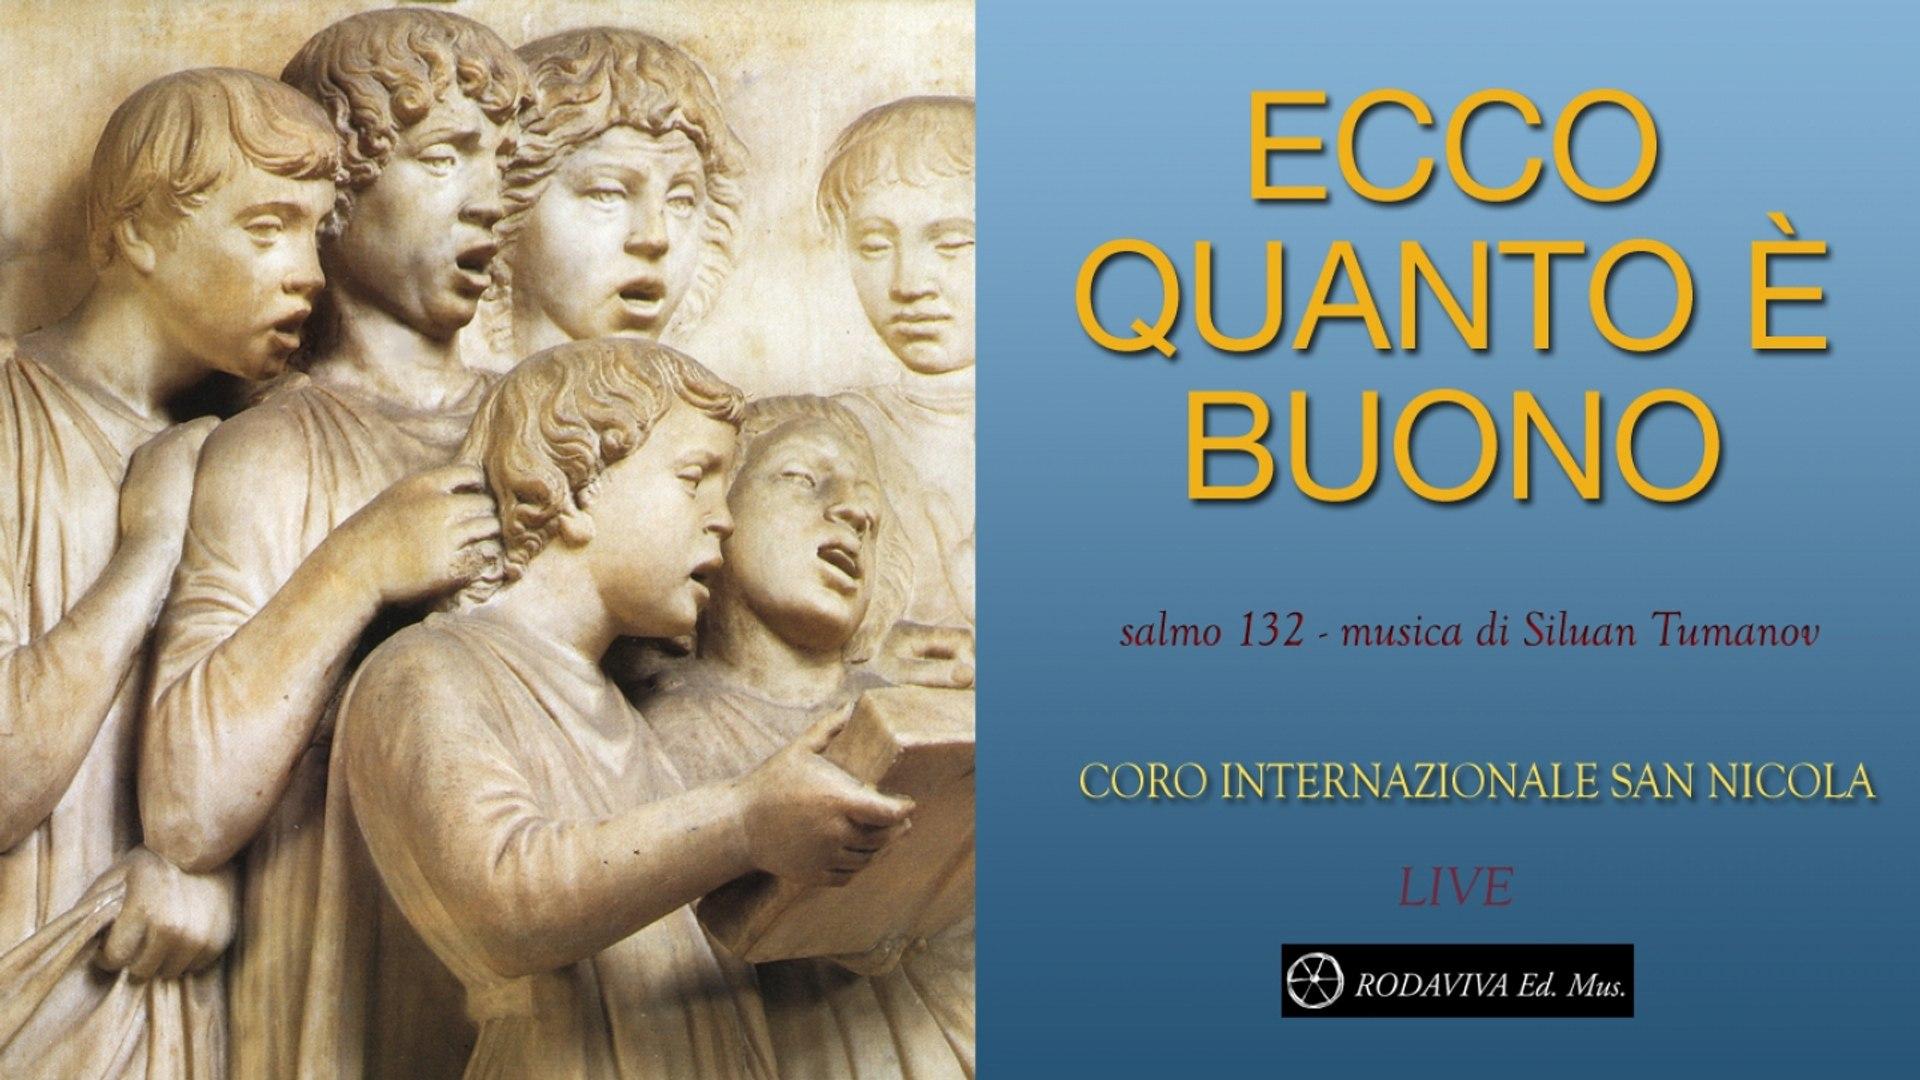 Coro Internazionale San Nicola - ECCO QUANTO È BUONO - Salmo 132